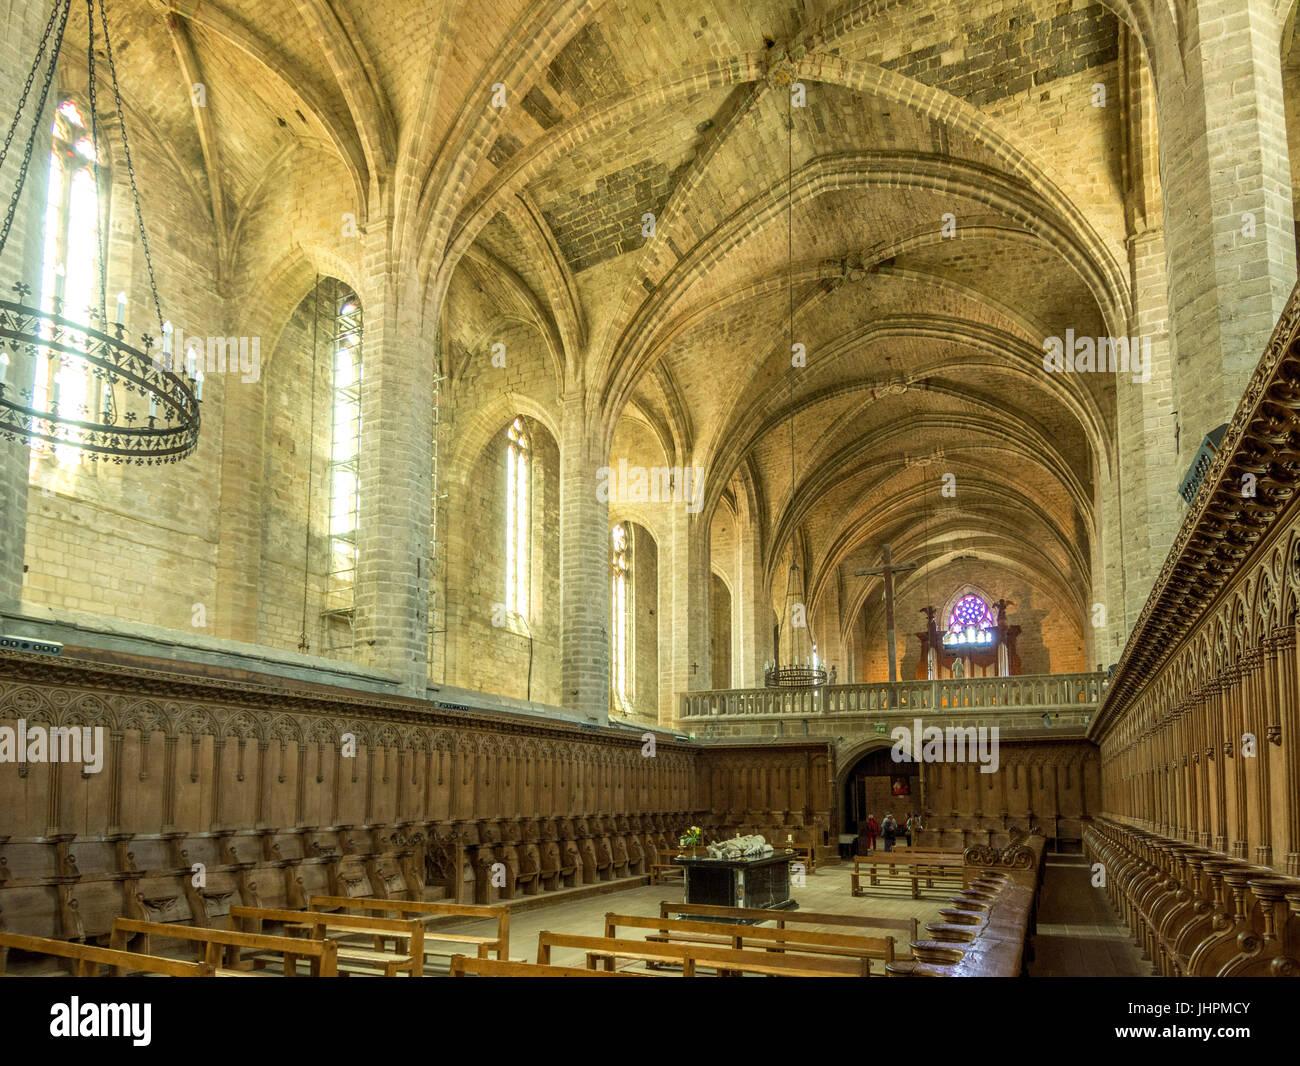 Tombeau du pape Clément VI à l'intérieur de l'abbaye de La Chaise Dieu, la Haute Loire, Auvergne, France Banque D'Images